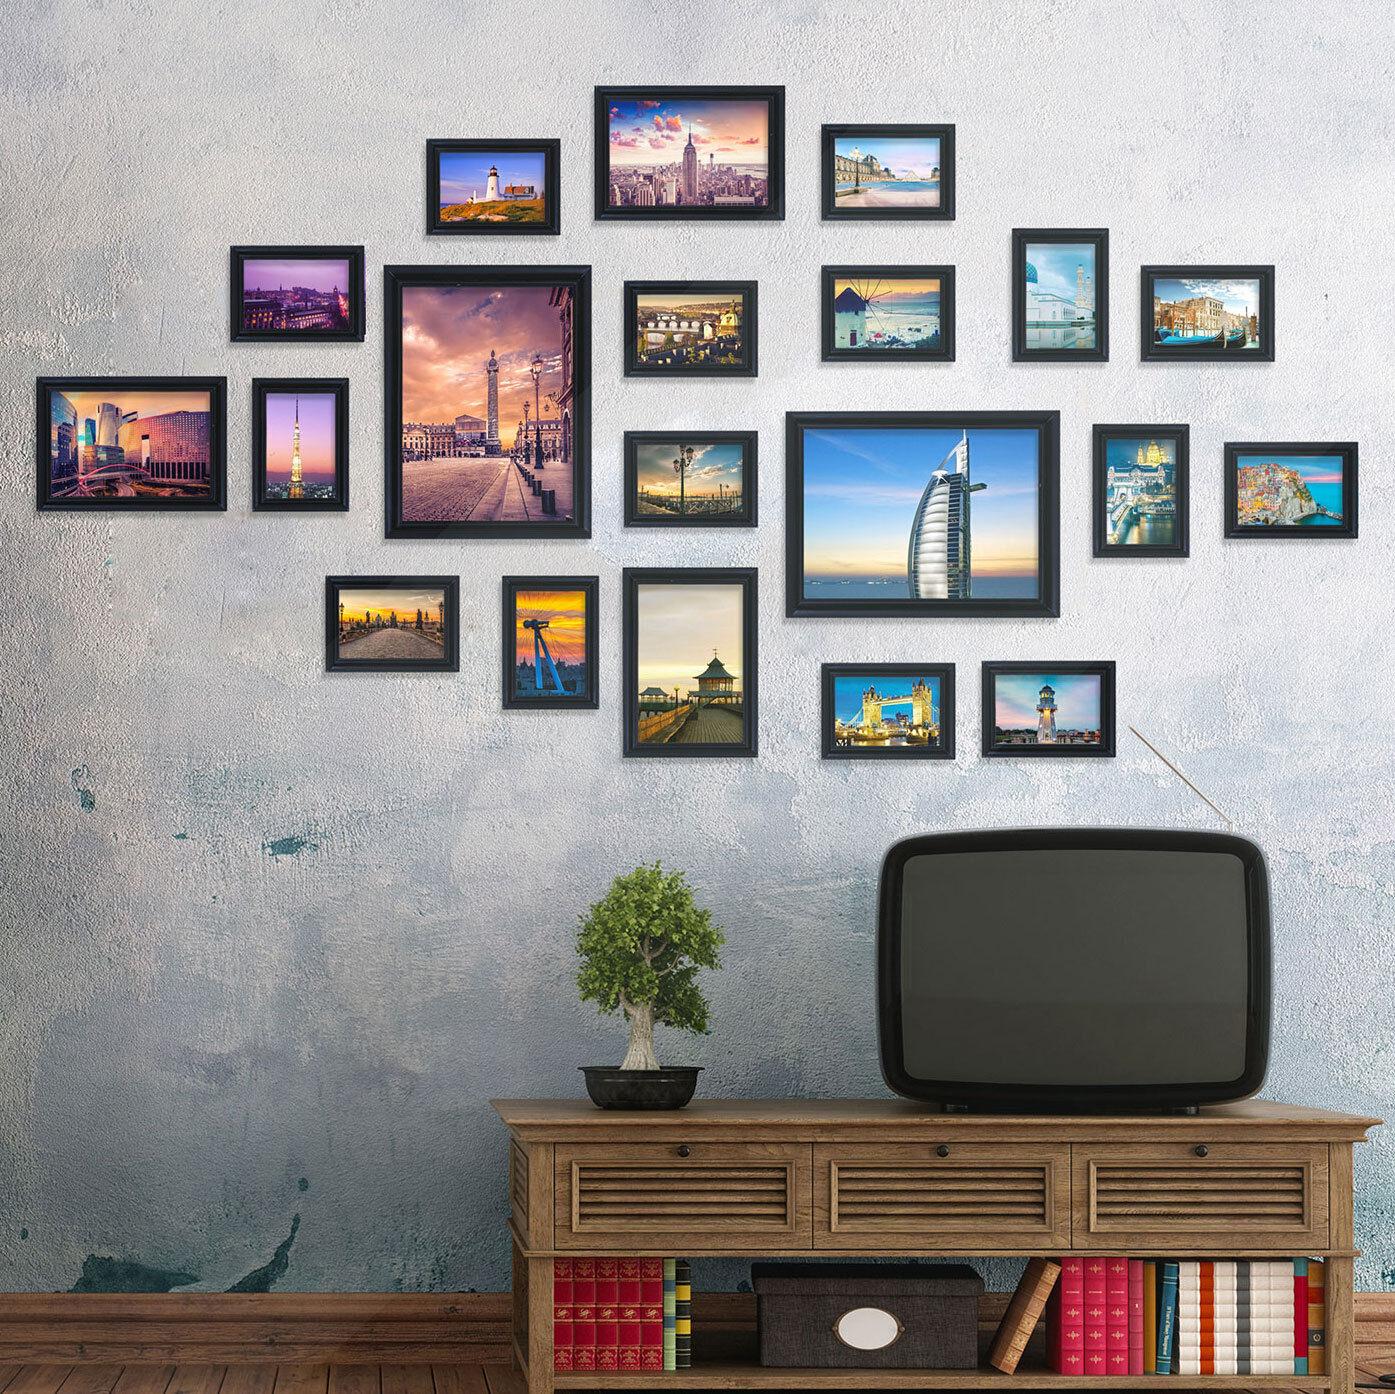 Conjunto de Fotos De Madera Negra recuerdos mejor decoración del hogar Fotos Cuadros 20PCS Collage